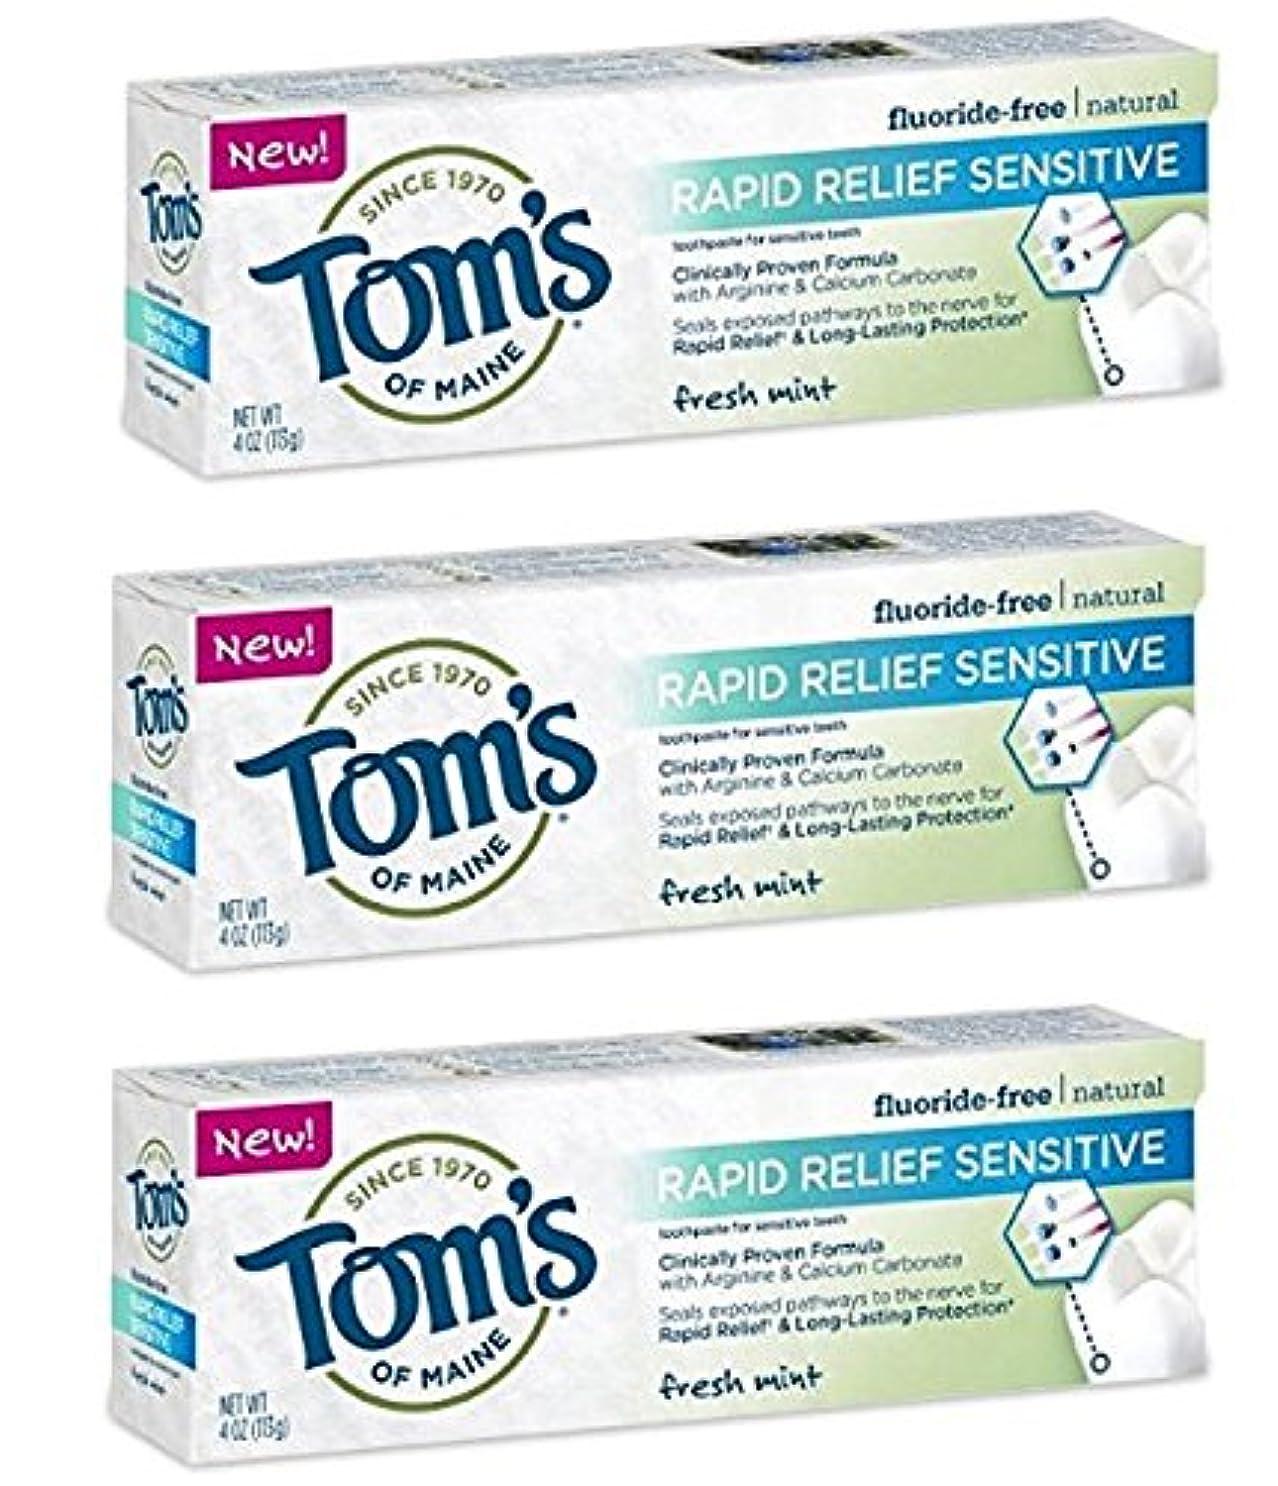 野心うがい首相Tom's of Maine Rapid Relief Sensitive Natural Toothpaste 4 oz Fresh Mint by KT Travel